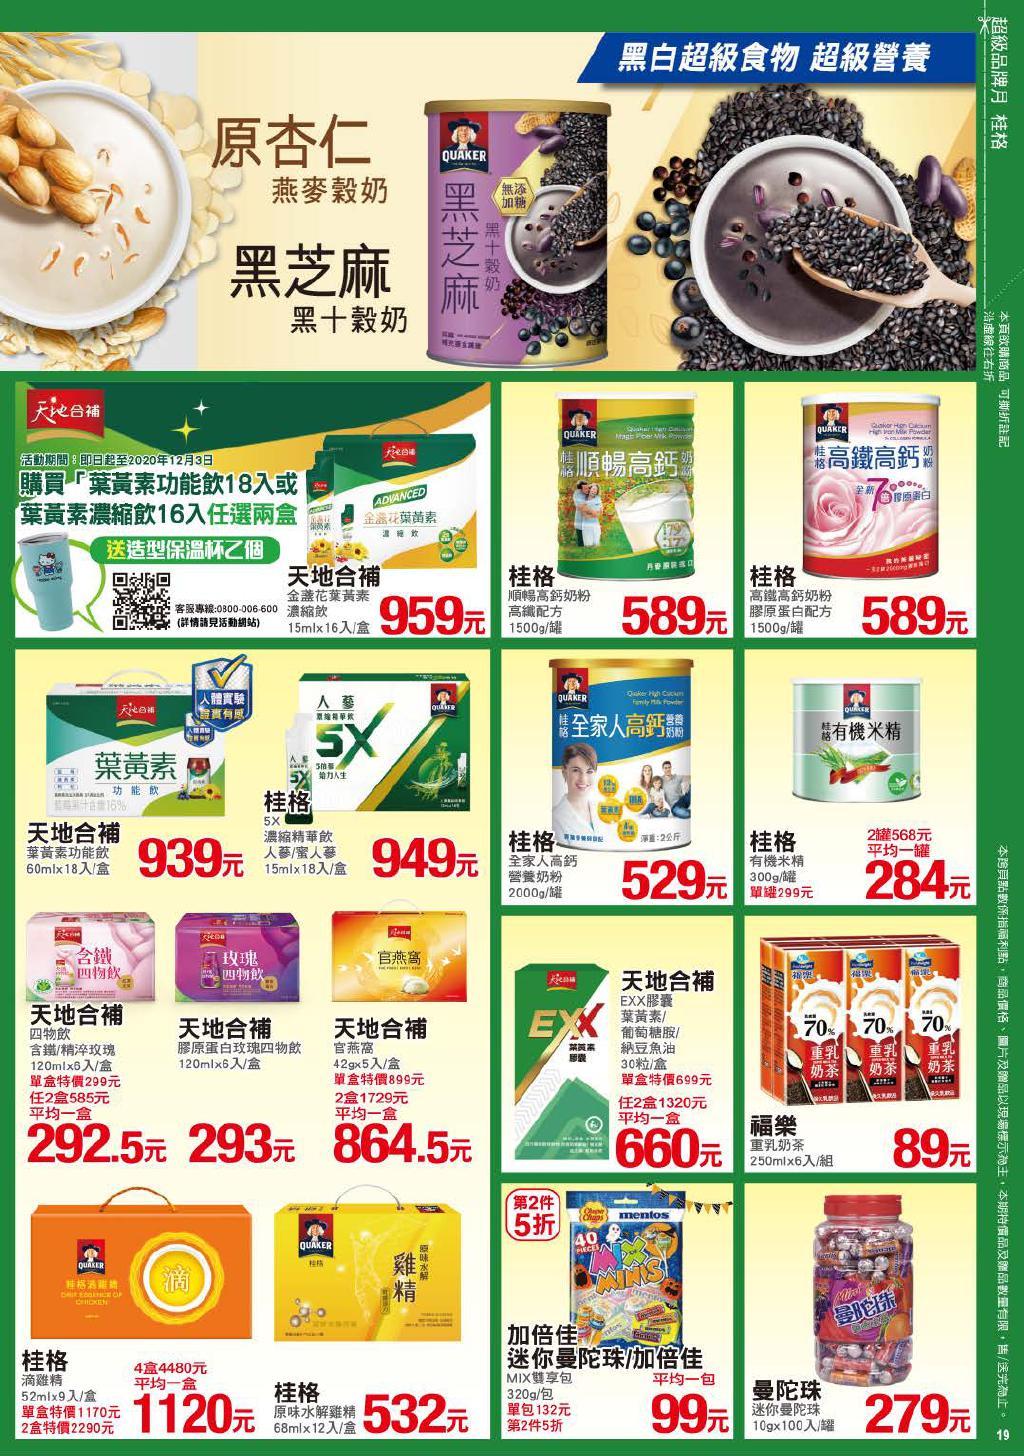 pxmart20201119_000019.jpg